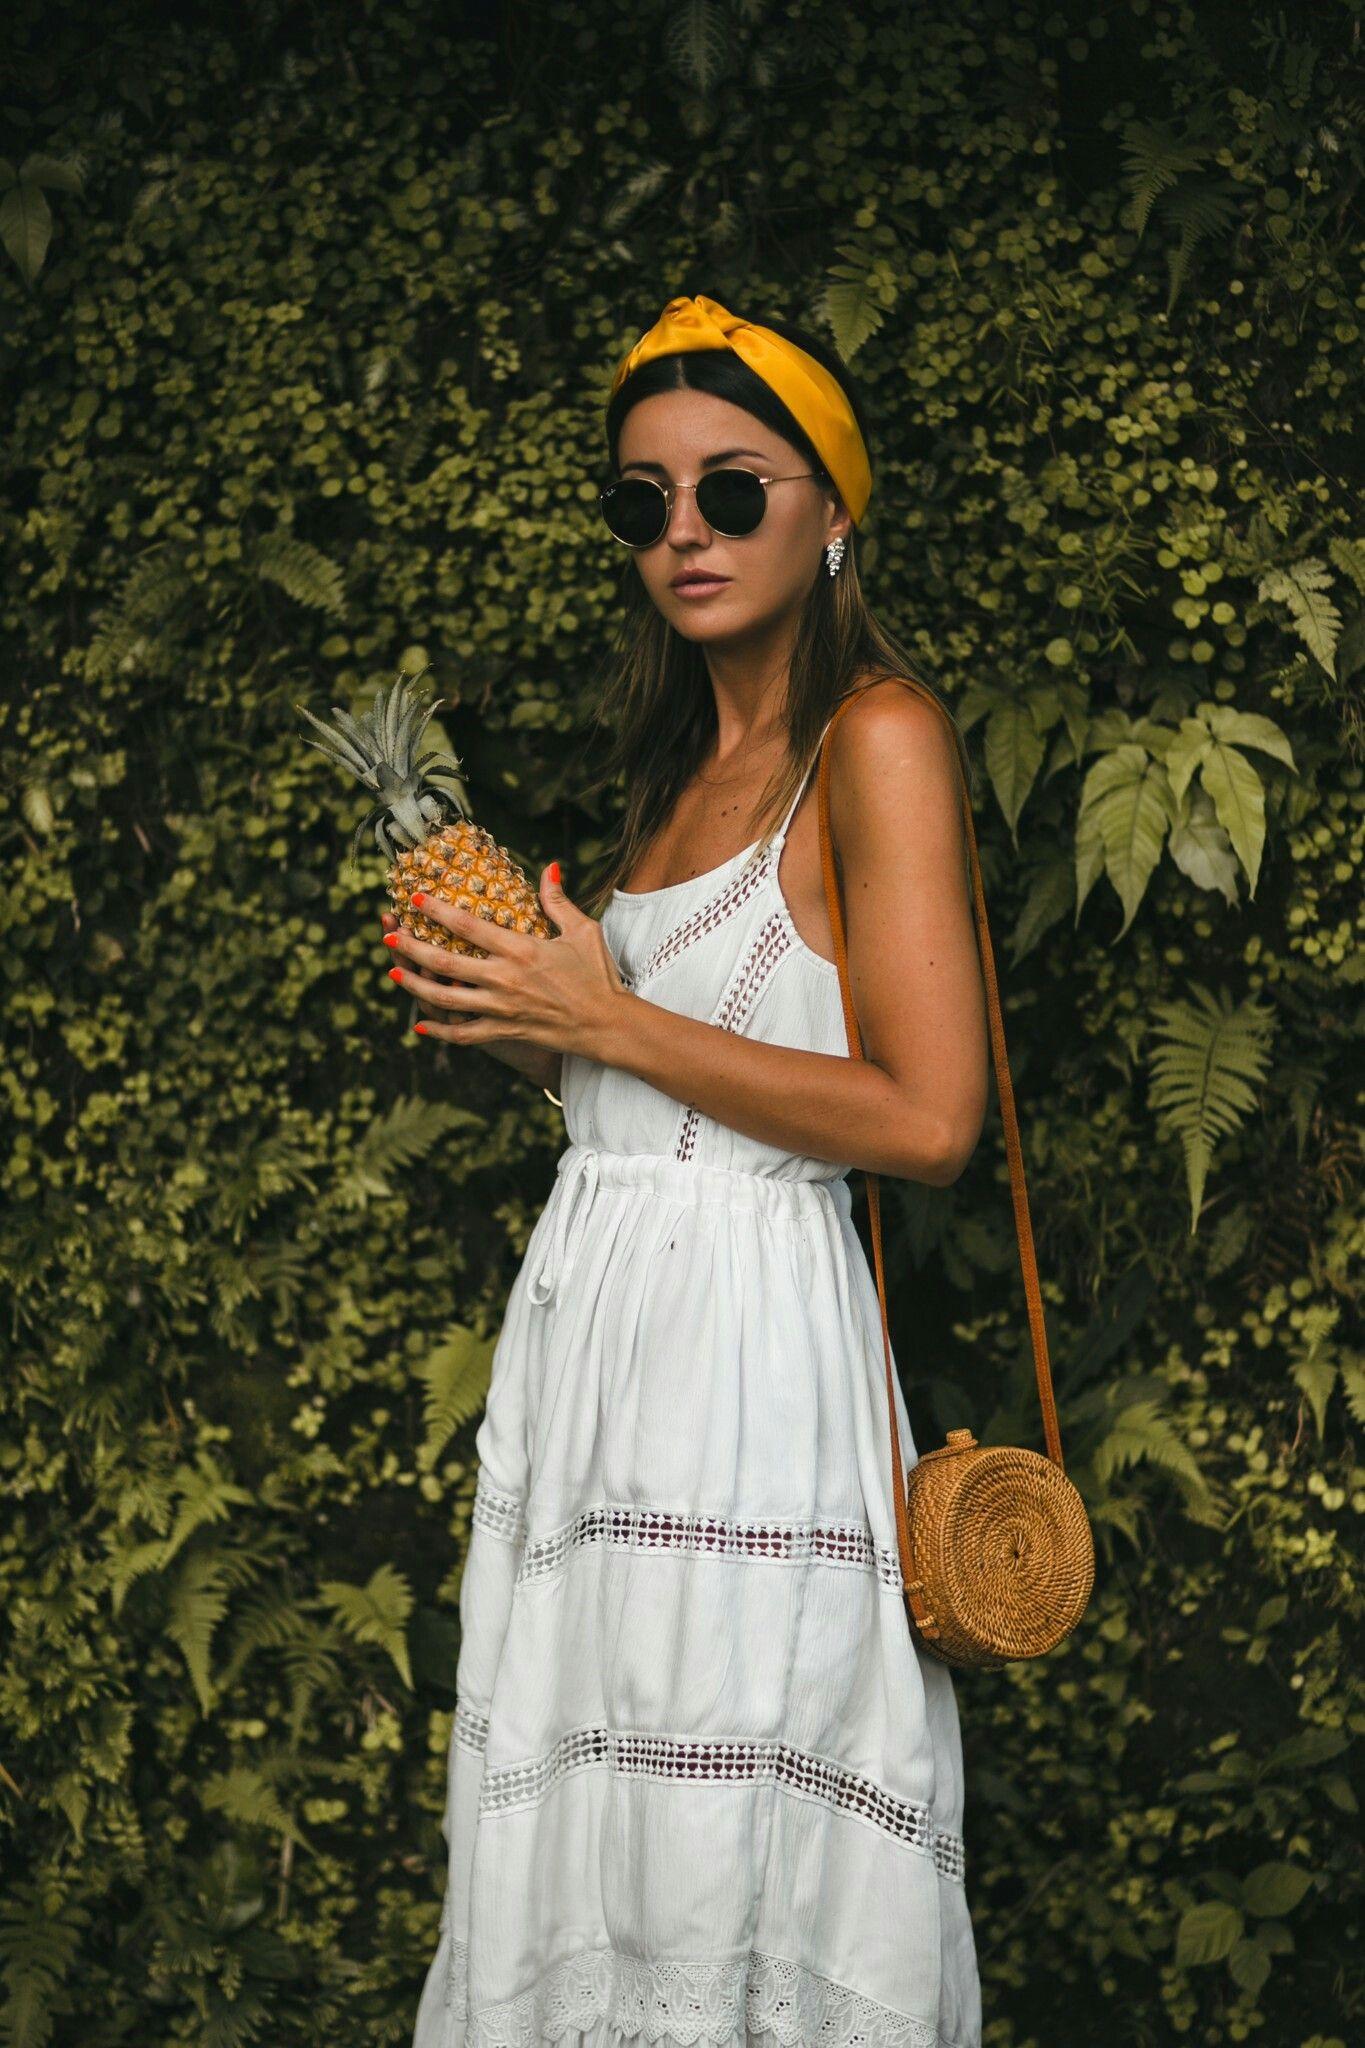 Hawaiin Style White Summer Dress